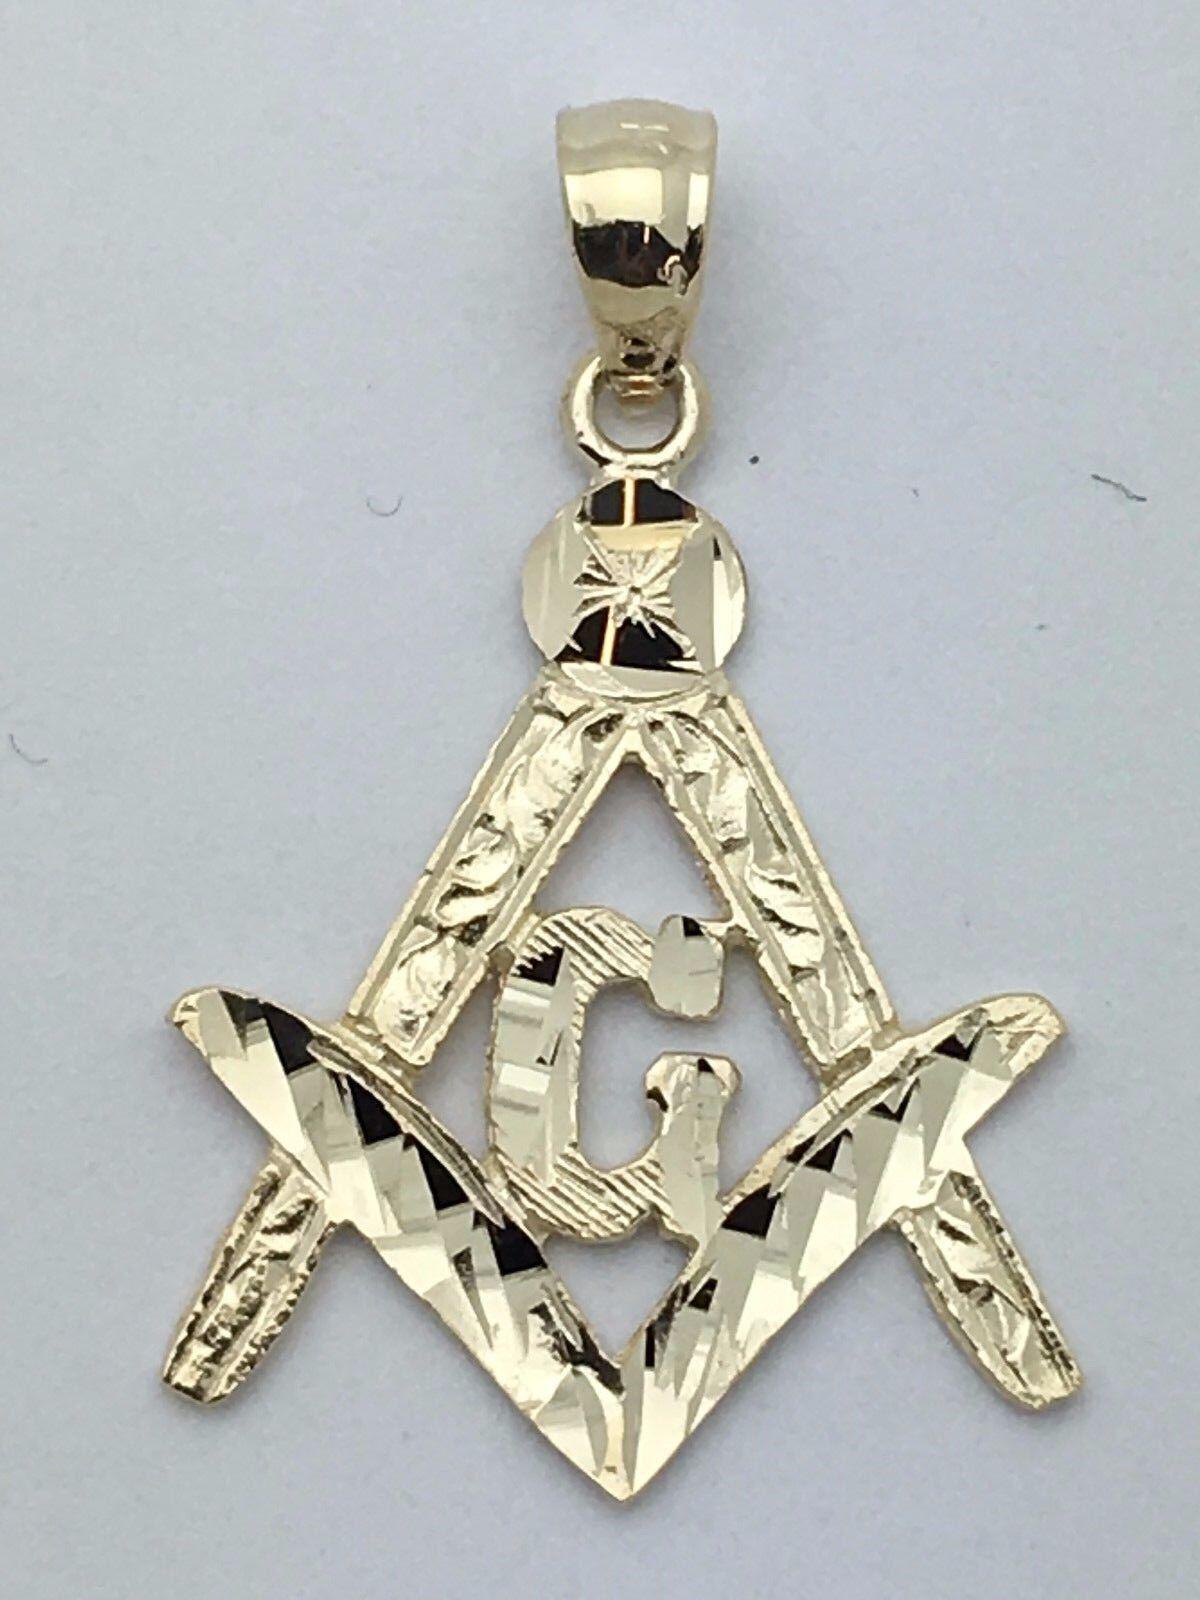 New 14k Solid Yellow Gold Diamond Cut Freemason Masonic